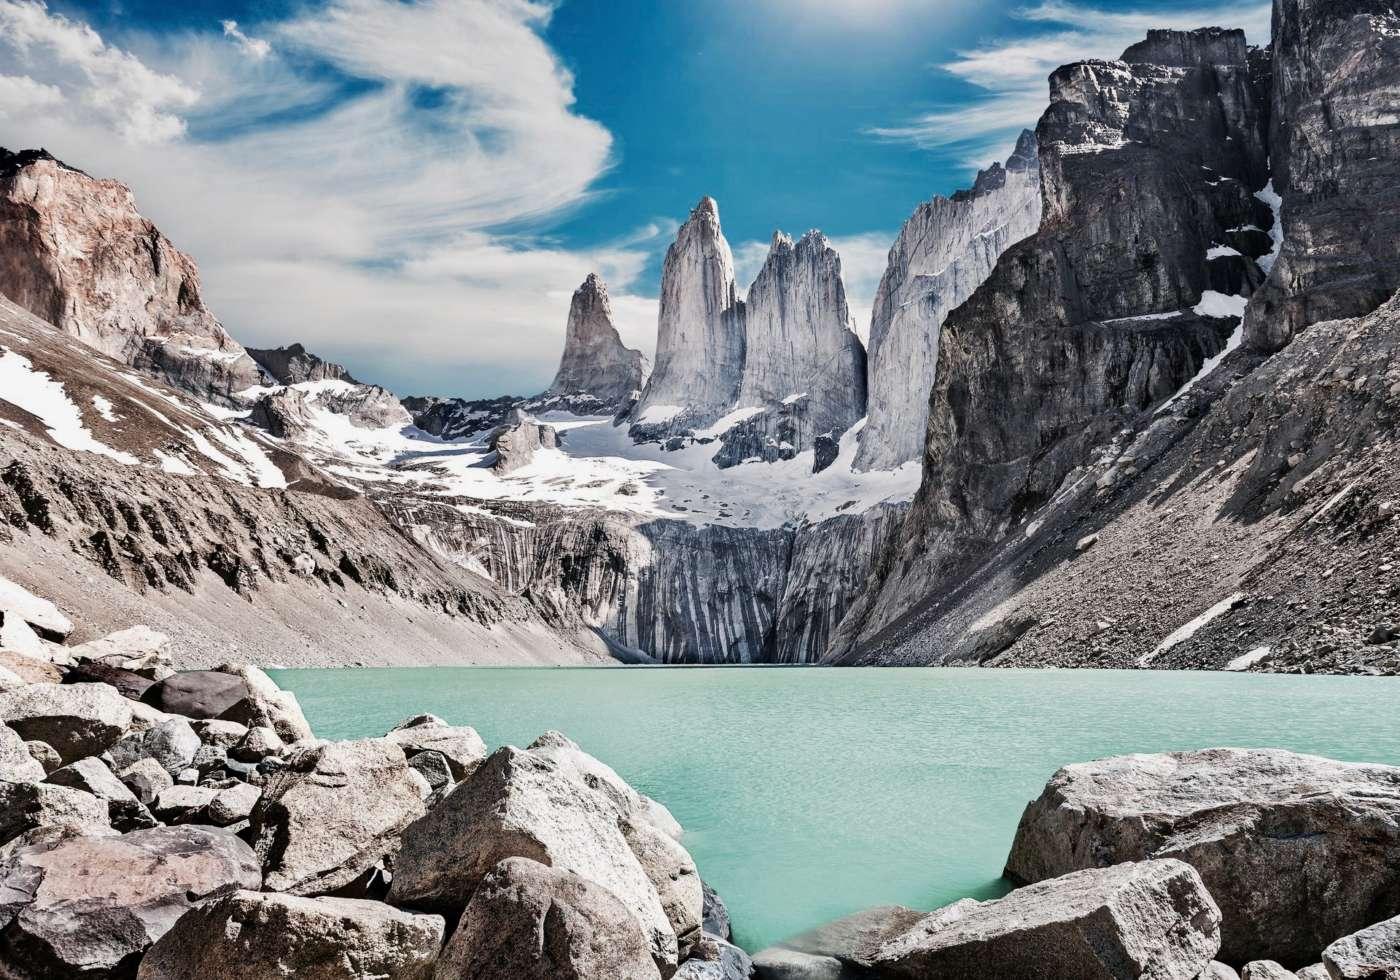 torres del paine-patagonia-chile